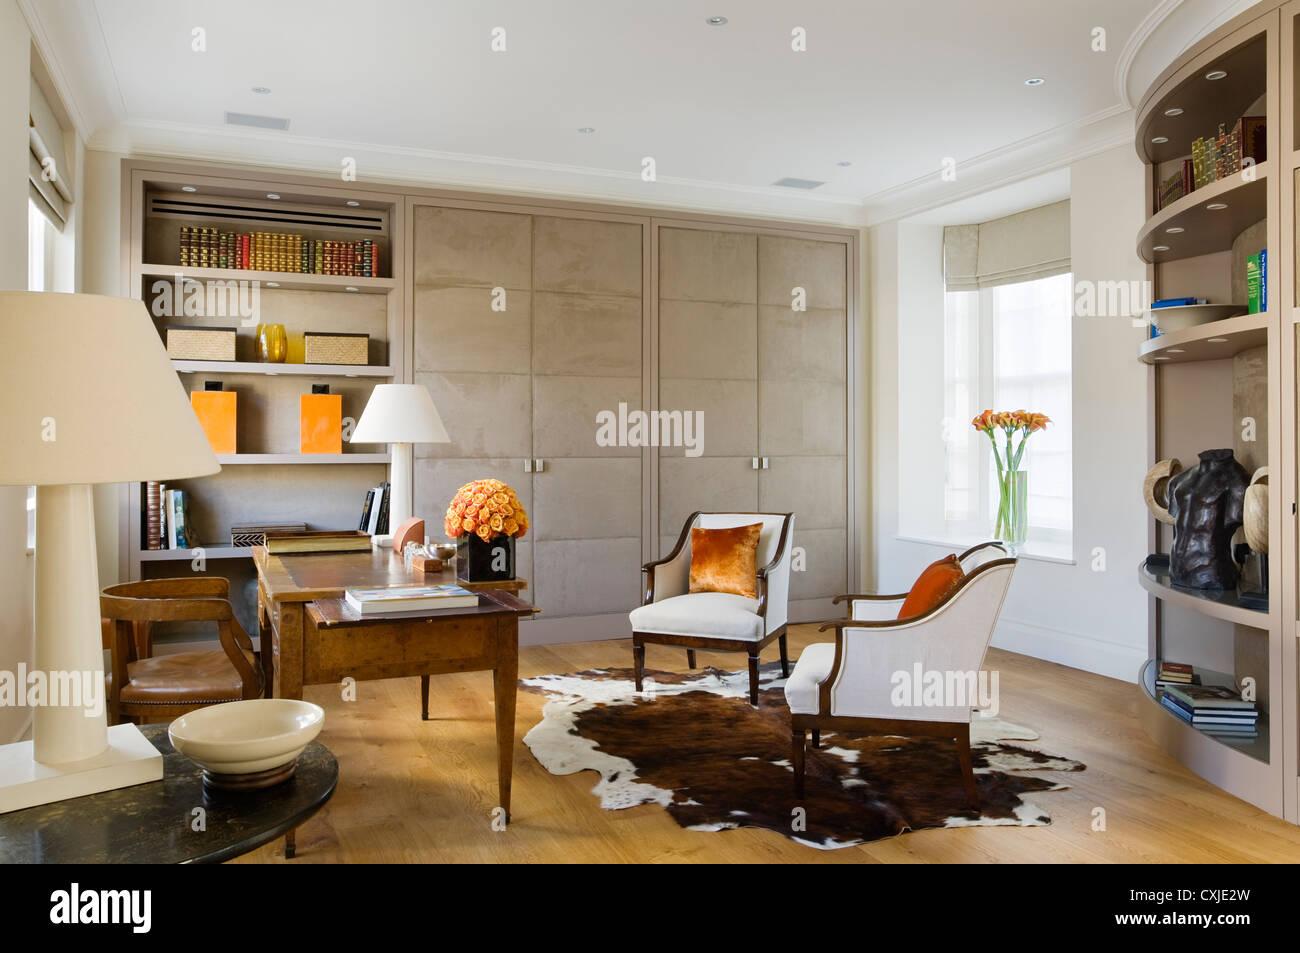 D a en color interior asientos de muebles estudio l mpara de escritorio silla estanter a mesa - Lampara estanteria ...